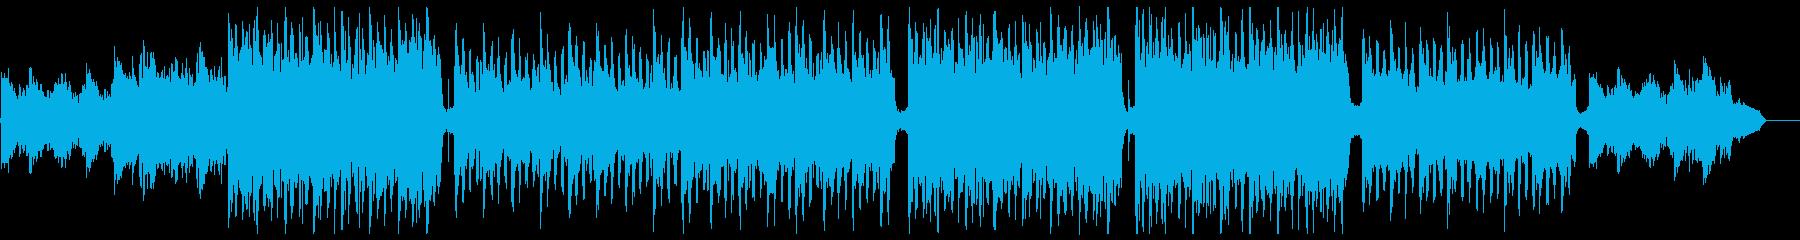 明るく爽やかなピアノ&シンセ:メロディ抜の再生済みの波形